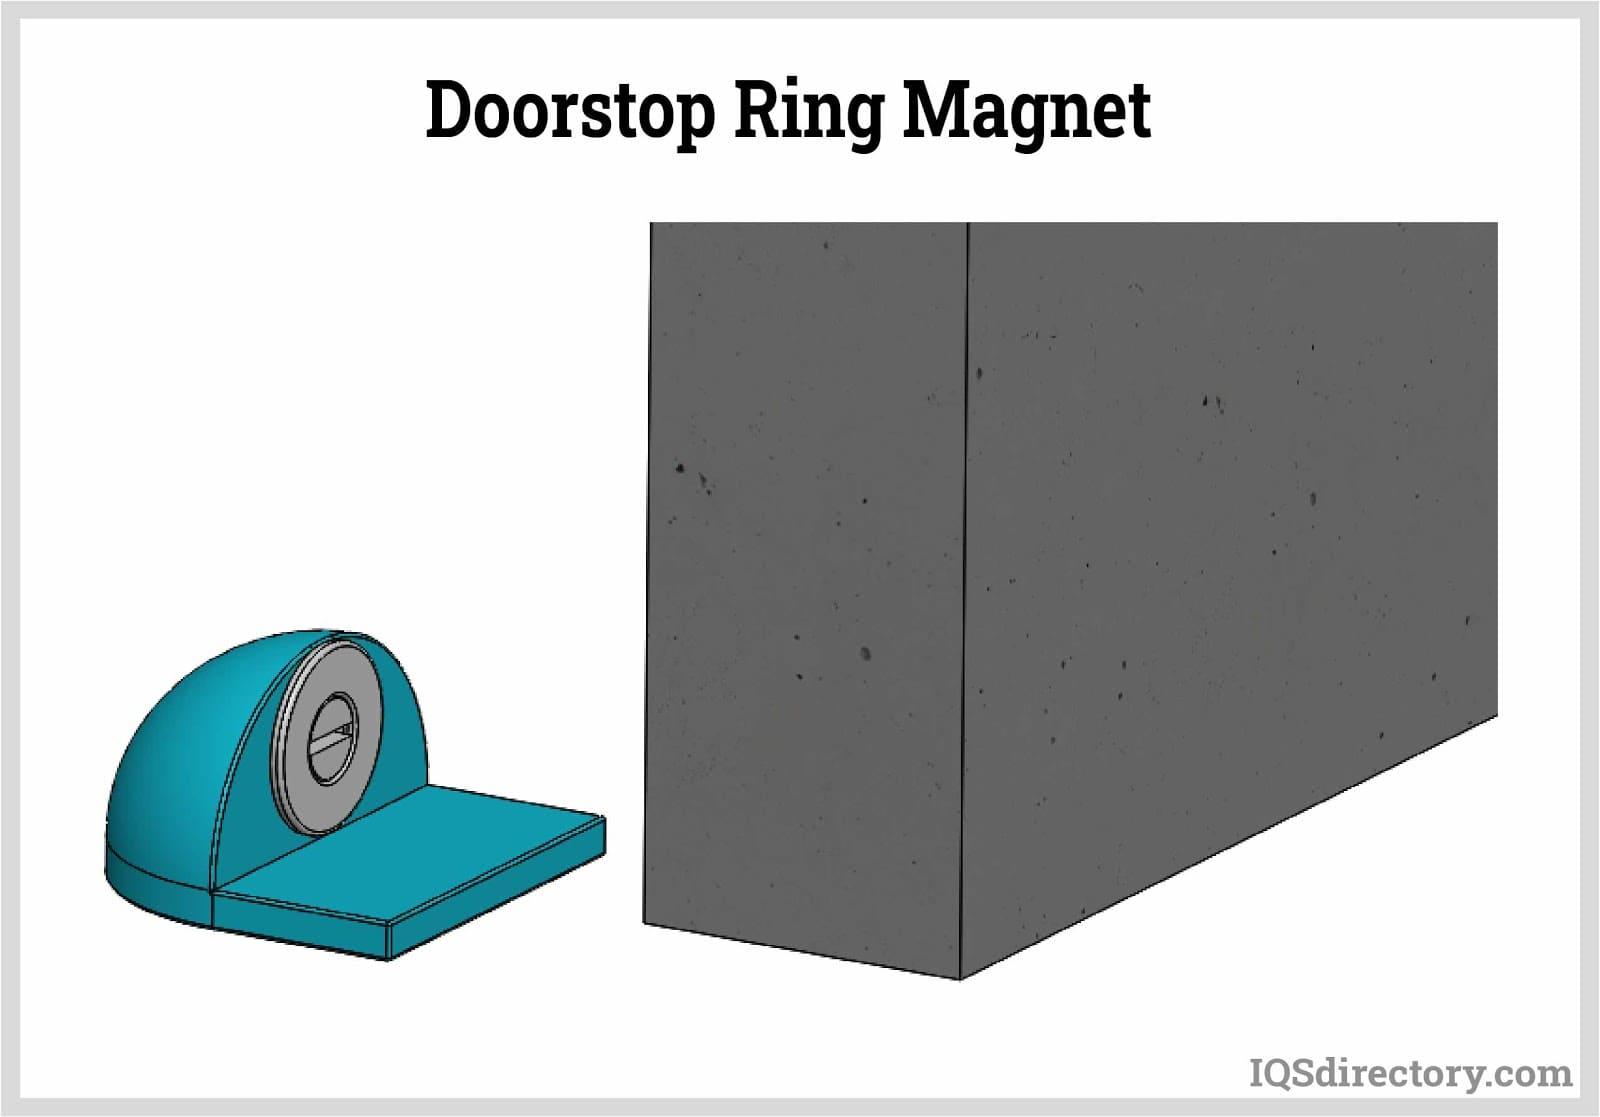 Doorstop Ring Magnet